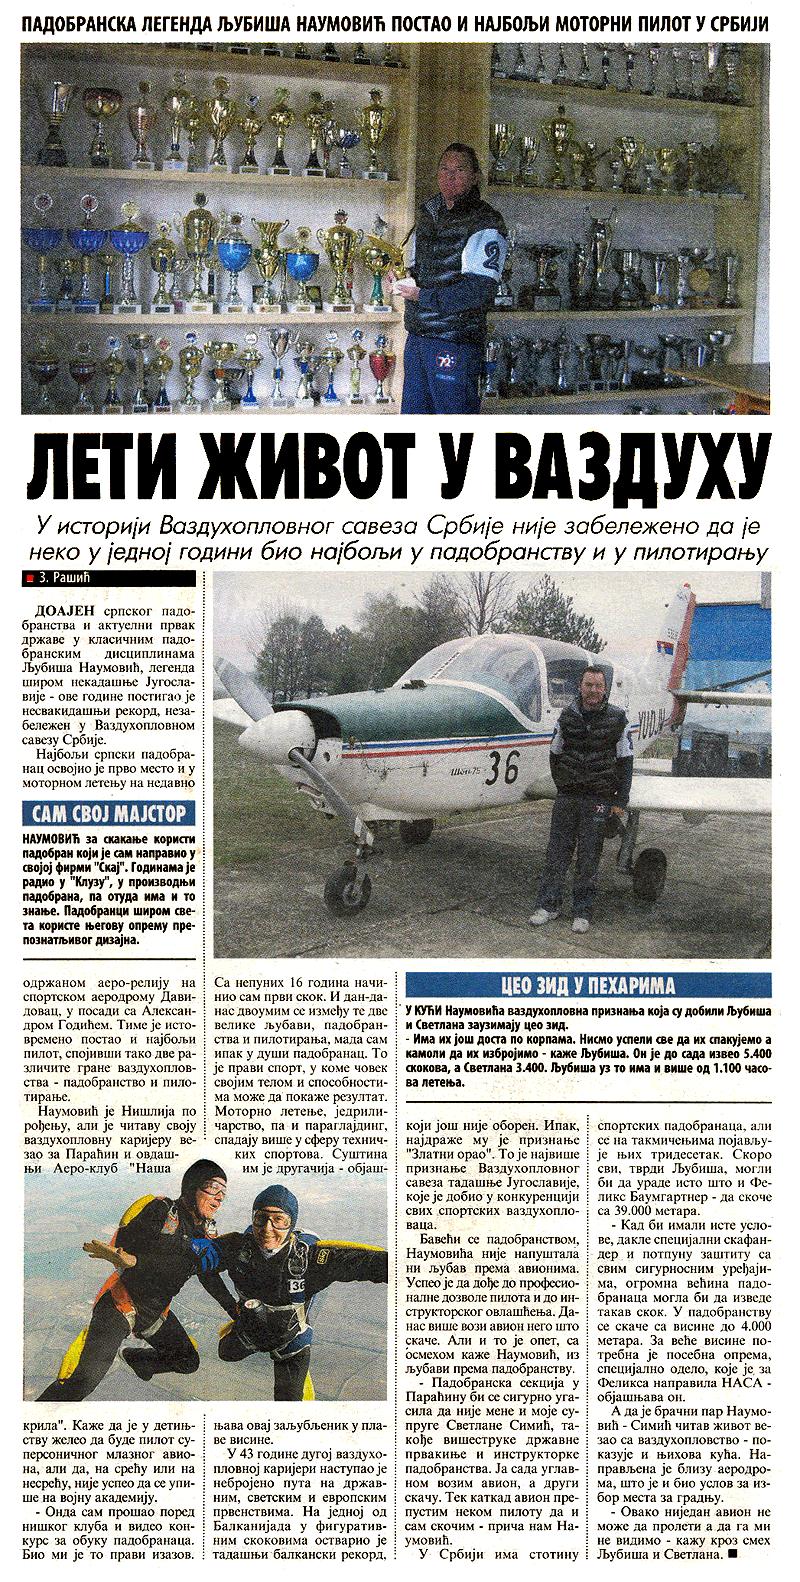 Ljubiša Naumović postao i najbolji motorni pilot u Srbiji